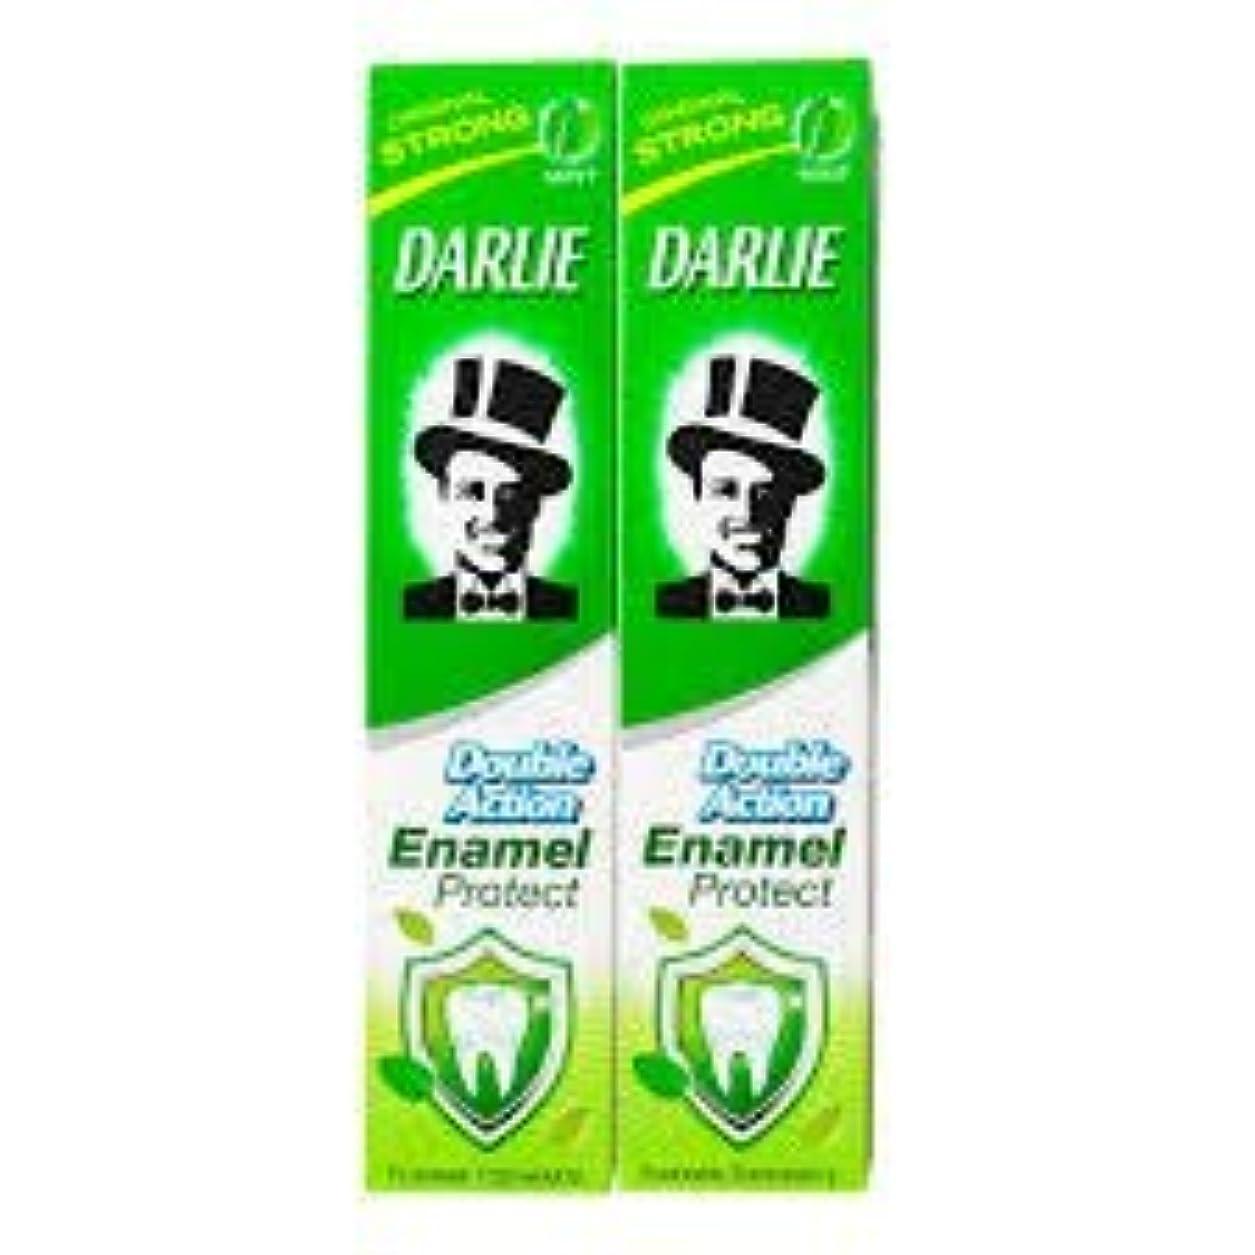 鳴らす起こるそれにもかかわらずDARLIE 歯磨き粉歯磨き粉二重の役割、保護エナメル強いミント2×220ケ - あなたの歯を強化し、防御の最前線